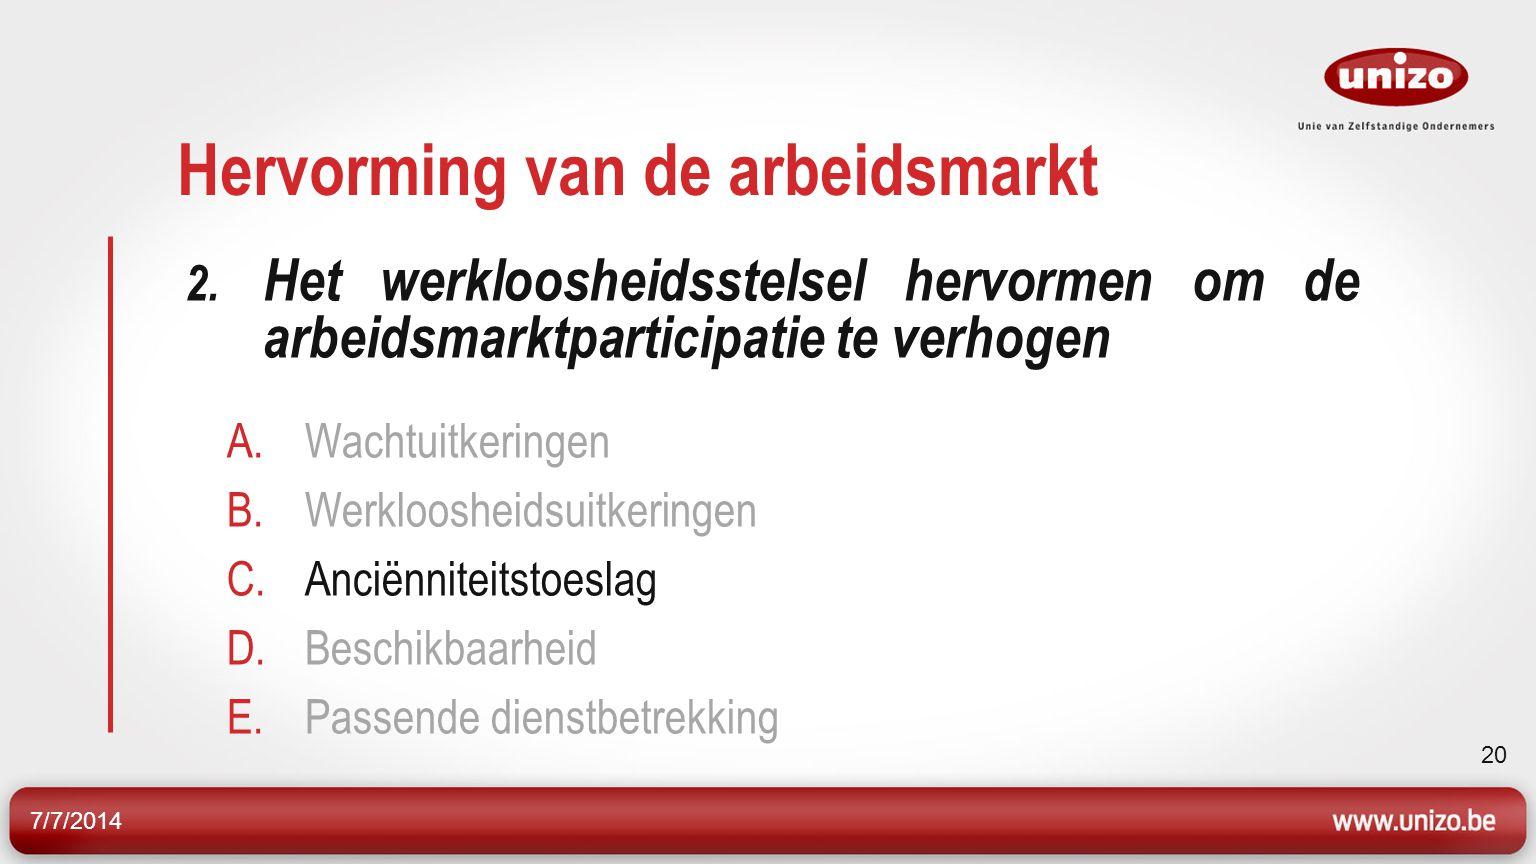 7/7/2014 21 Hervorming van de arbeidsmarkt Anciënniteitstoeslag De leeftijdsvoorwaarde zal op 1 juli 2012 van 50 op 55 jaar worden gebracht